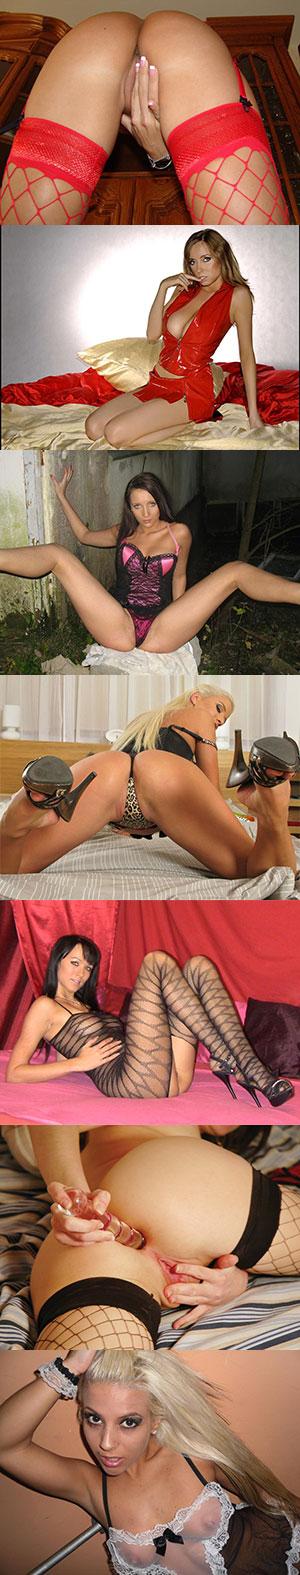 sex livecams